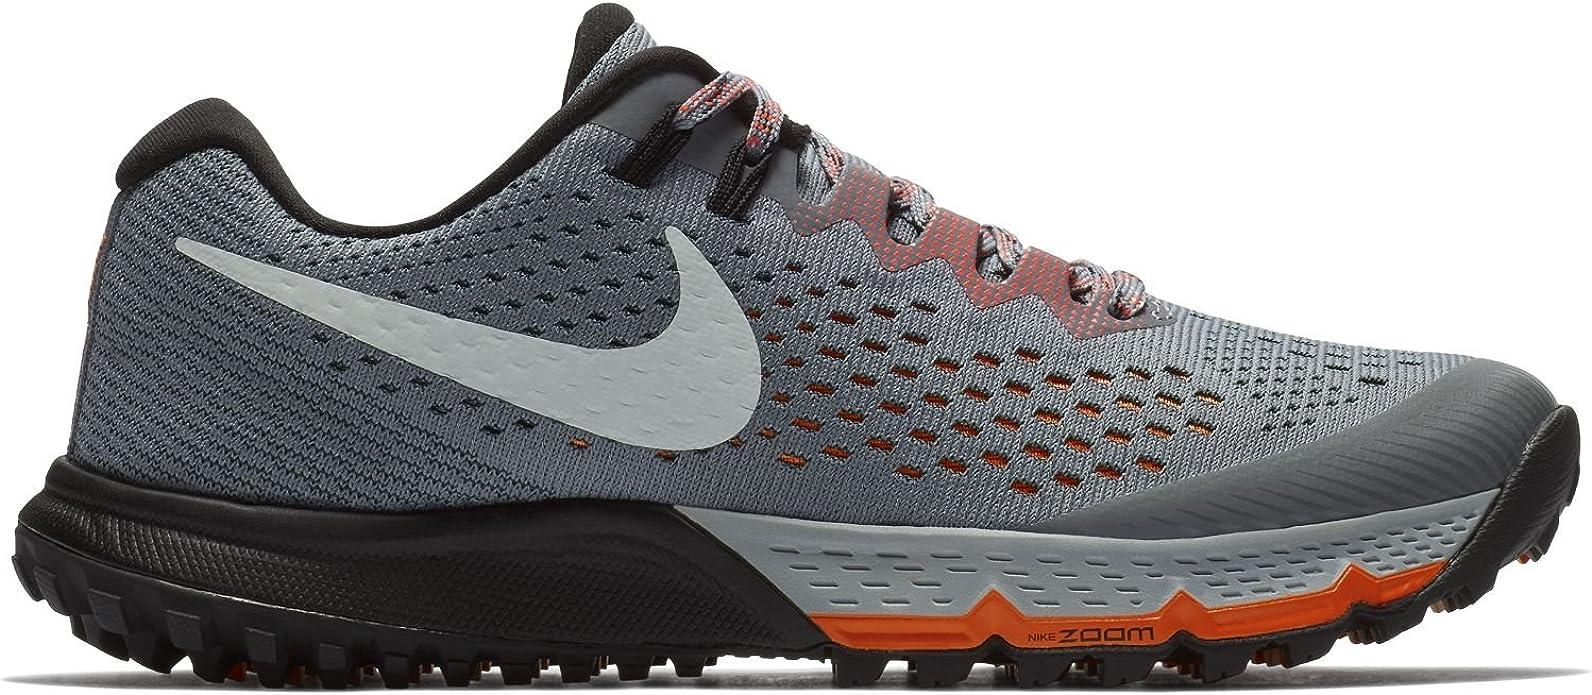 Nike W Air Zoom Terra Kiger 4, Zapatillas de Running para Mujer: Amazon.es: Zapatos y complementos